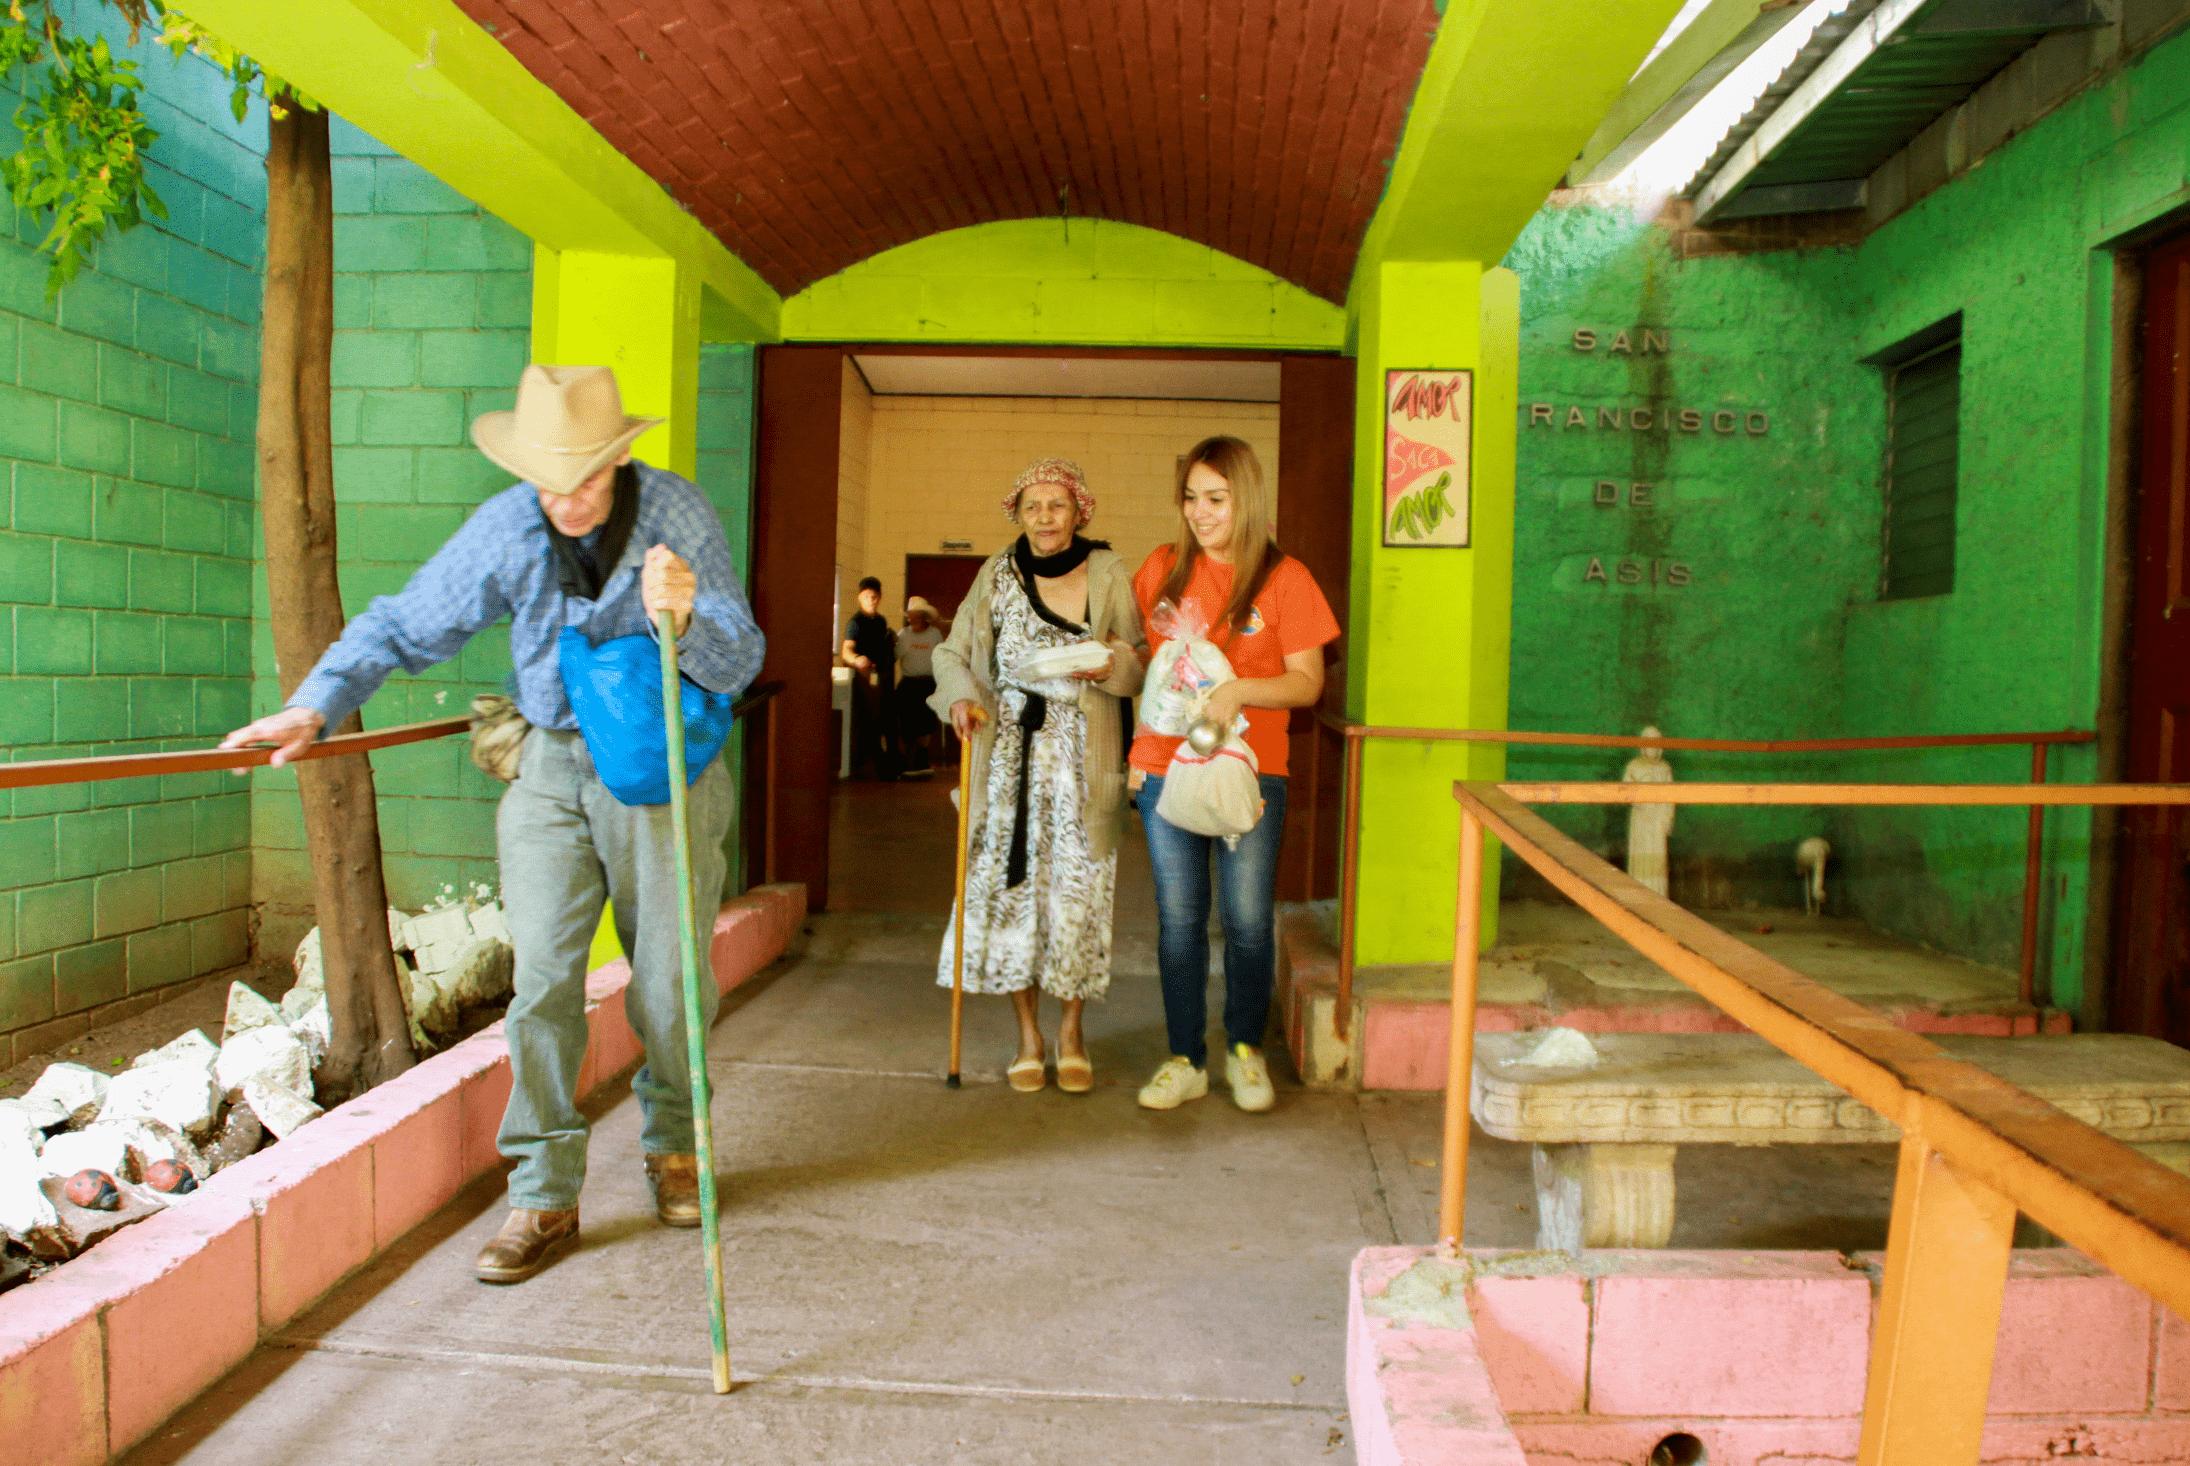 Los voluntarios llegaron a compartir un tiempo de alegría con adultos mayores.